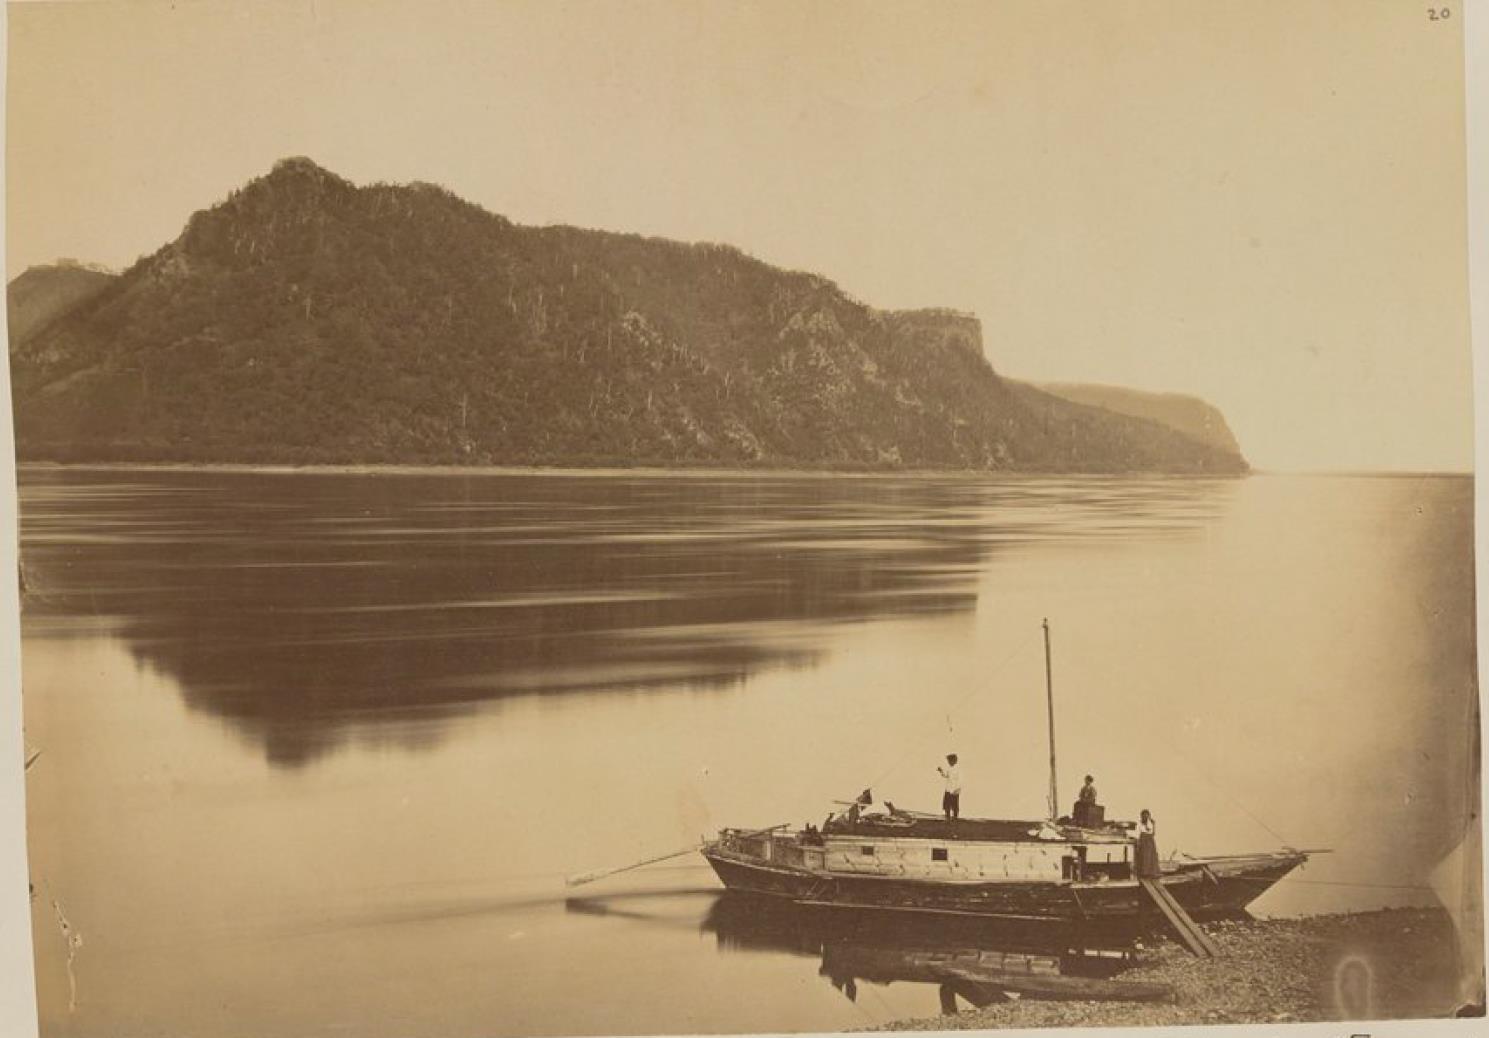 09. Хинганские горы на Амуре. Лодка русских торговцев, спускающихся по реке